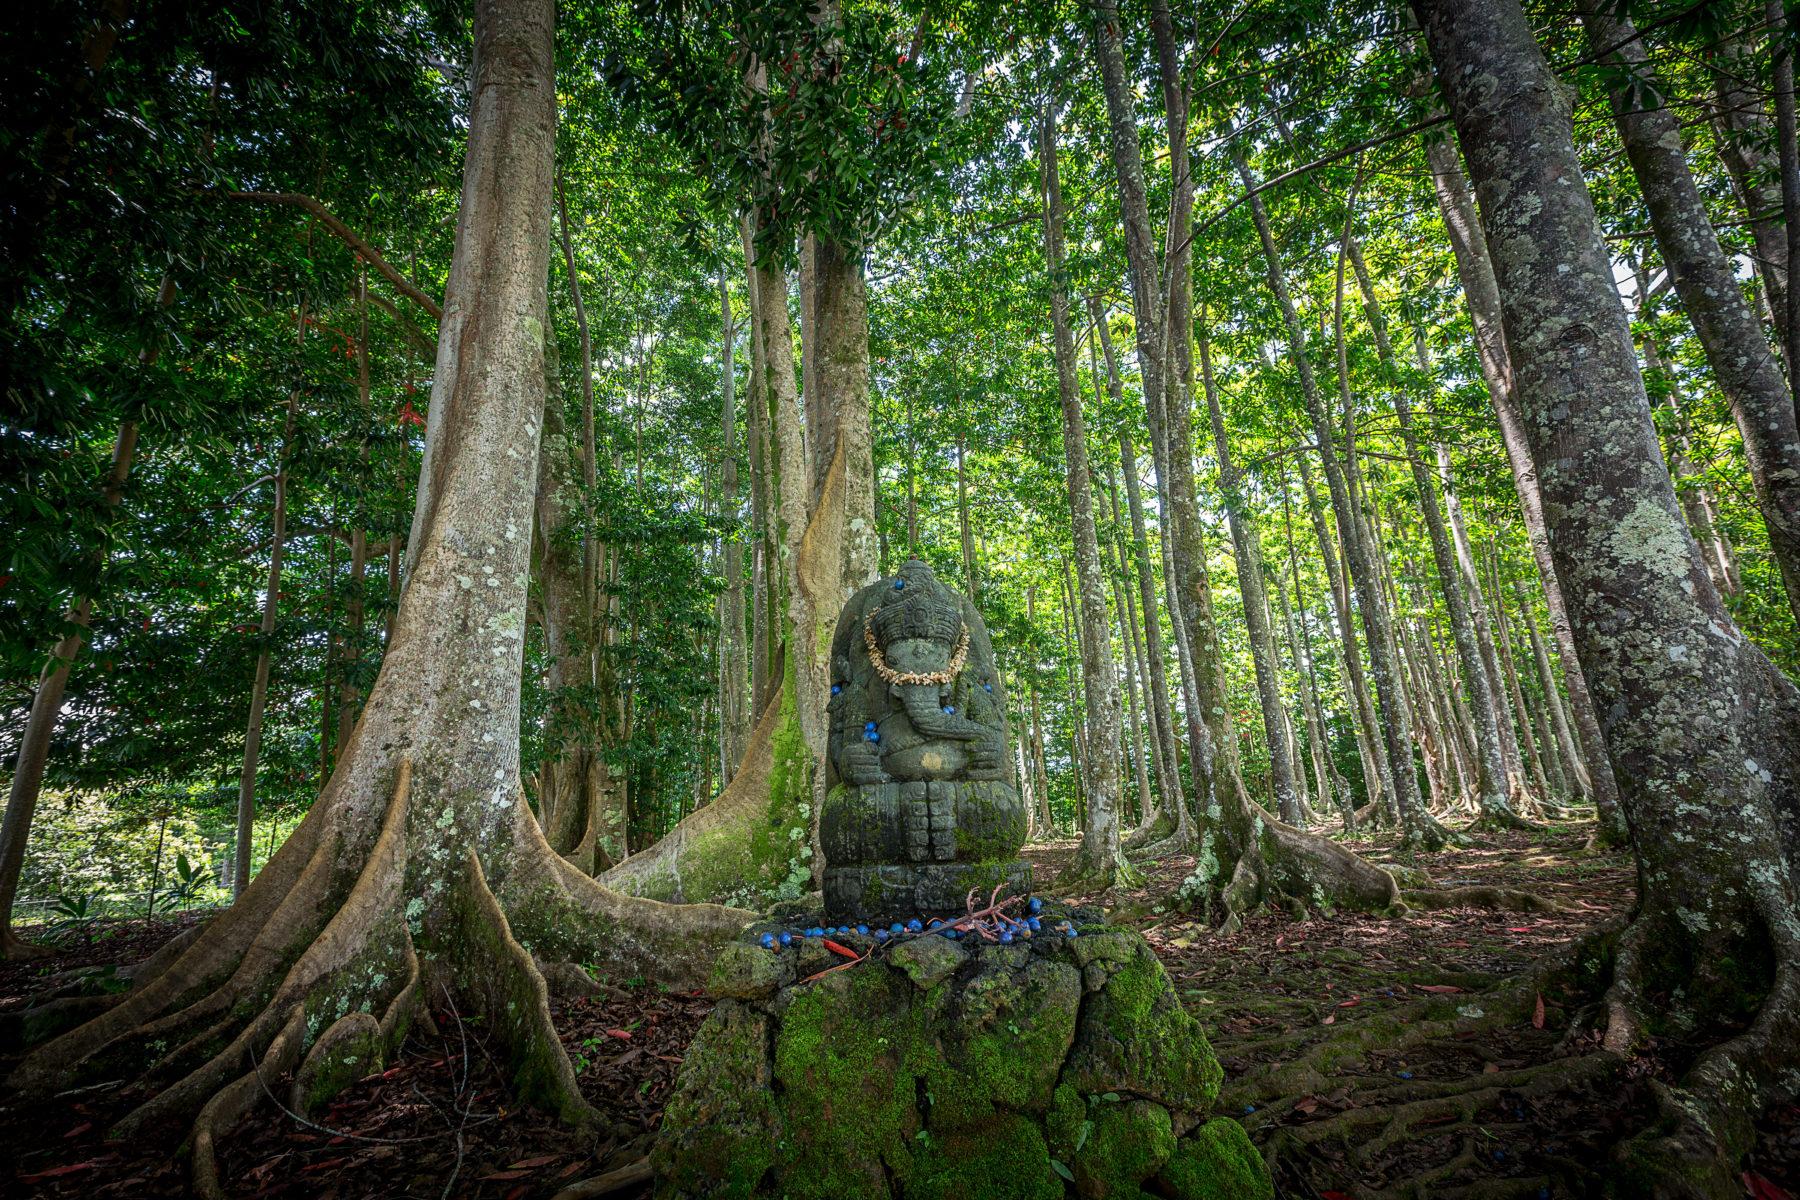 Kauai Monastery